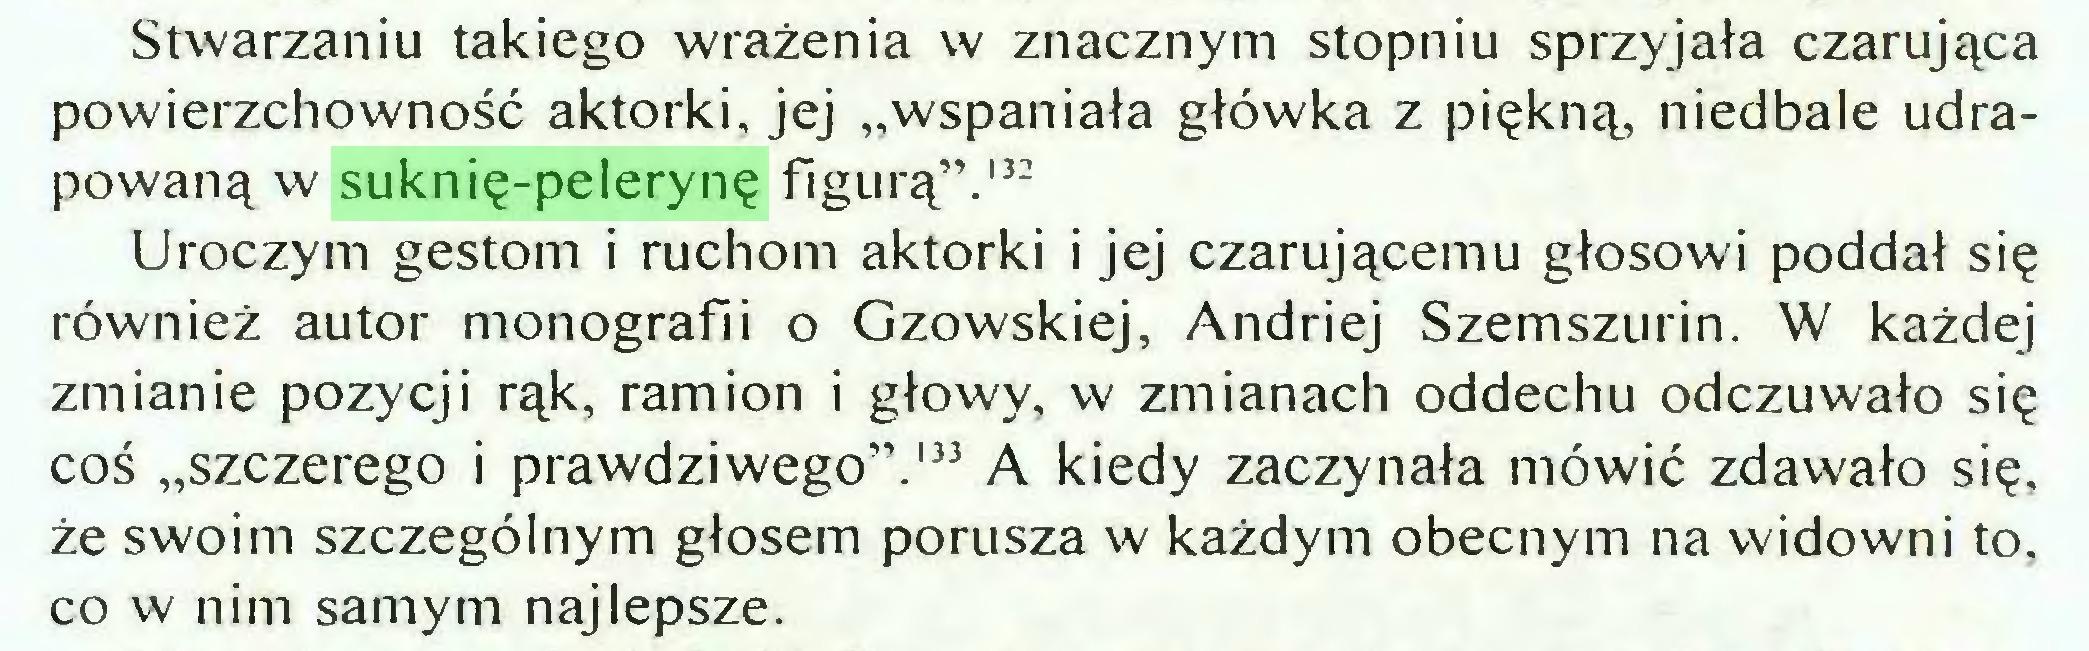 """(...) Stwarzaniu takiego wrażenia w znacznym stopniu sprzyjała czarująca powierzchowność aktorki, jej """"wspaniała główka z piękną, niedbale udrapowaną w suknię-pelerynę figurą"""".132 Uroczym gestom i ruchom aktorki i jej czarującemu głosowi poddał się również autor monografii o Gzowskiej, Andriej Szemszurin. W każdej zmianie pozycji rąk, ramion i głowy, w zmianach oddechu odczuwało się coś """"szczerego i prawdziwego"""".133 A kiedy zaczynała mówić zdawało się, że swoim szczególnym głosem porusza w każdym obecnym na widowni to, co w nim samym najlepsze..."""